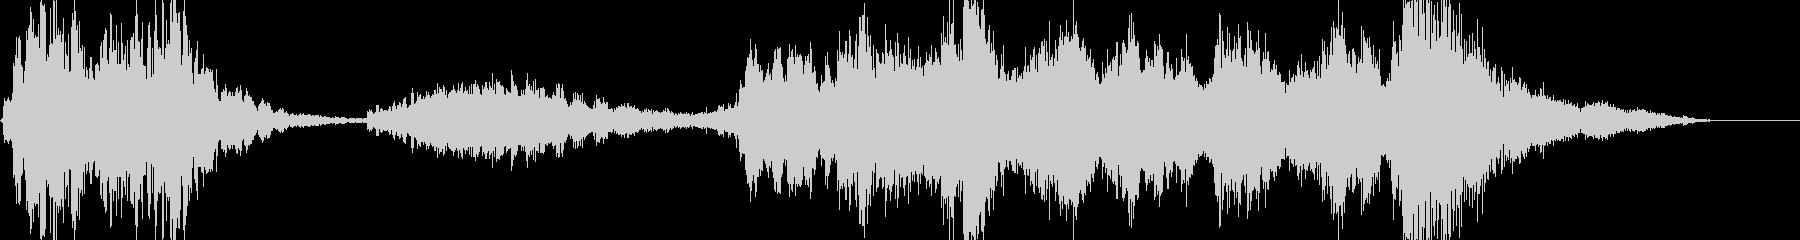 オシャレな4秒サウンドロゴの未再生の波形